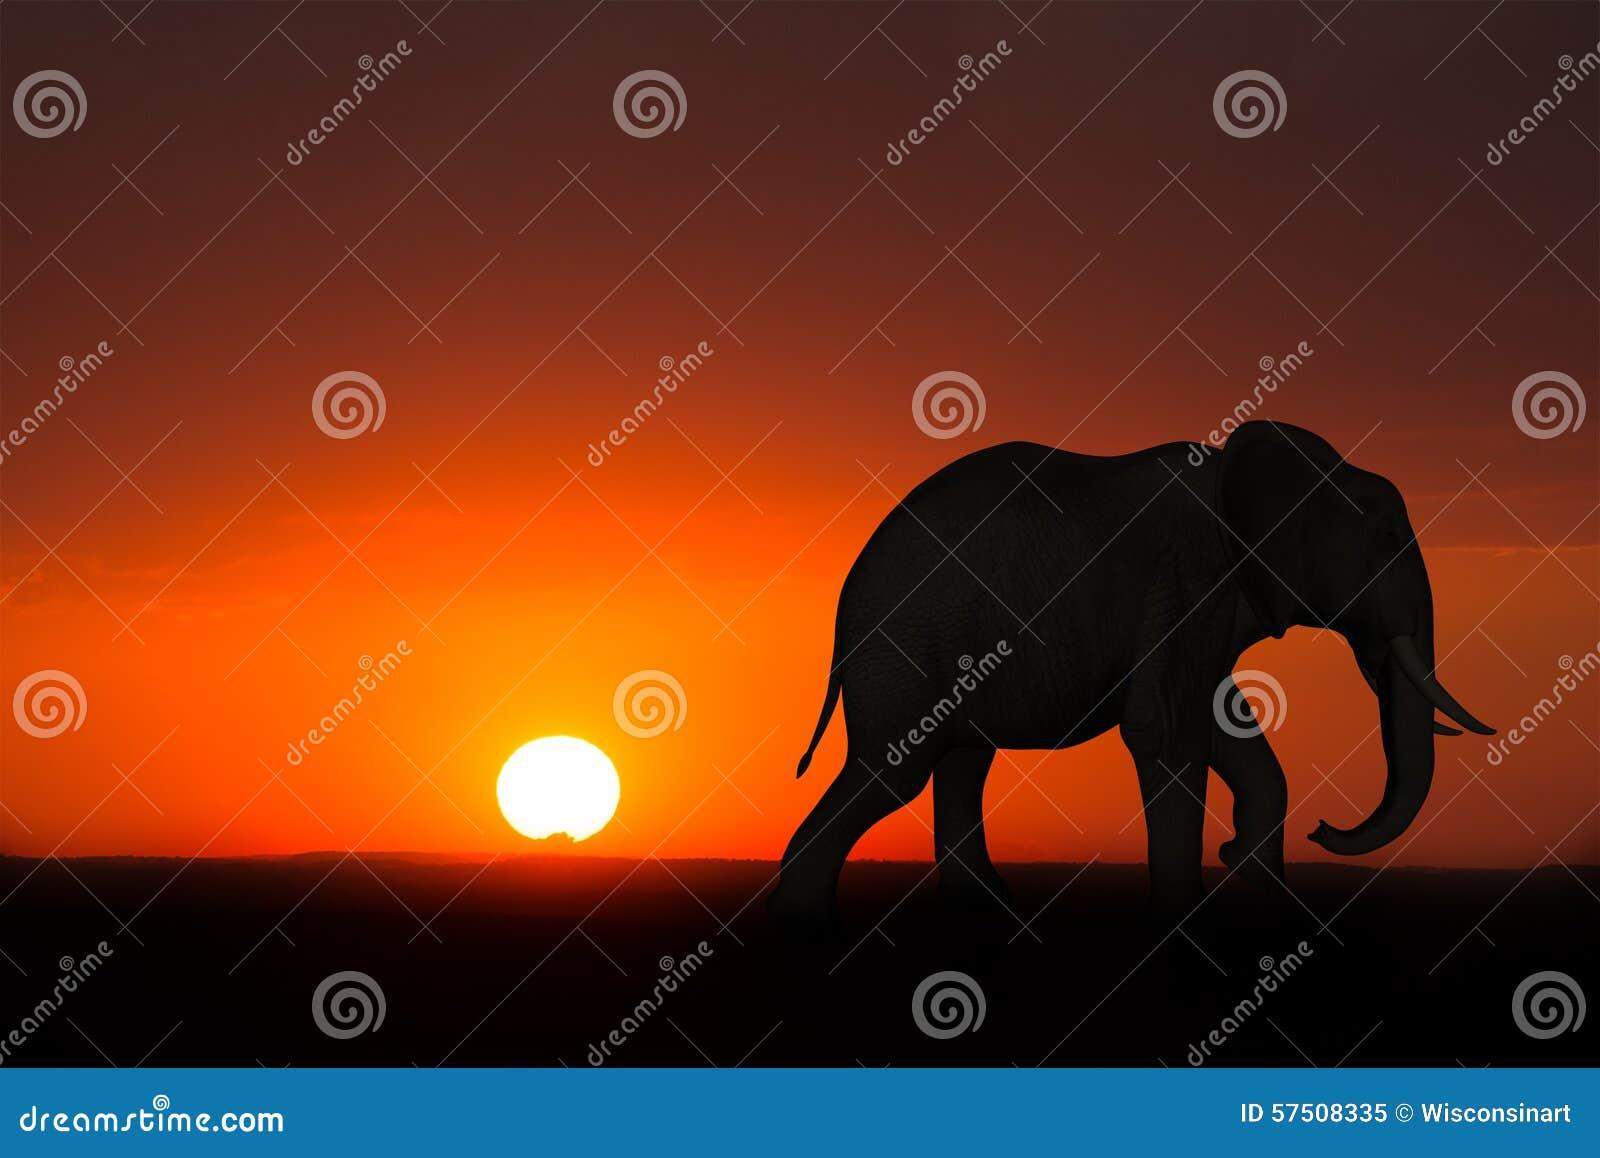 Afryka Słonia Wschodu Słońca Zmierzchu Przyroda Ilustracji